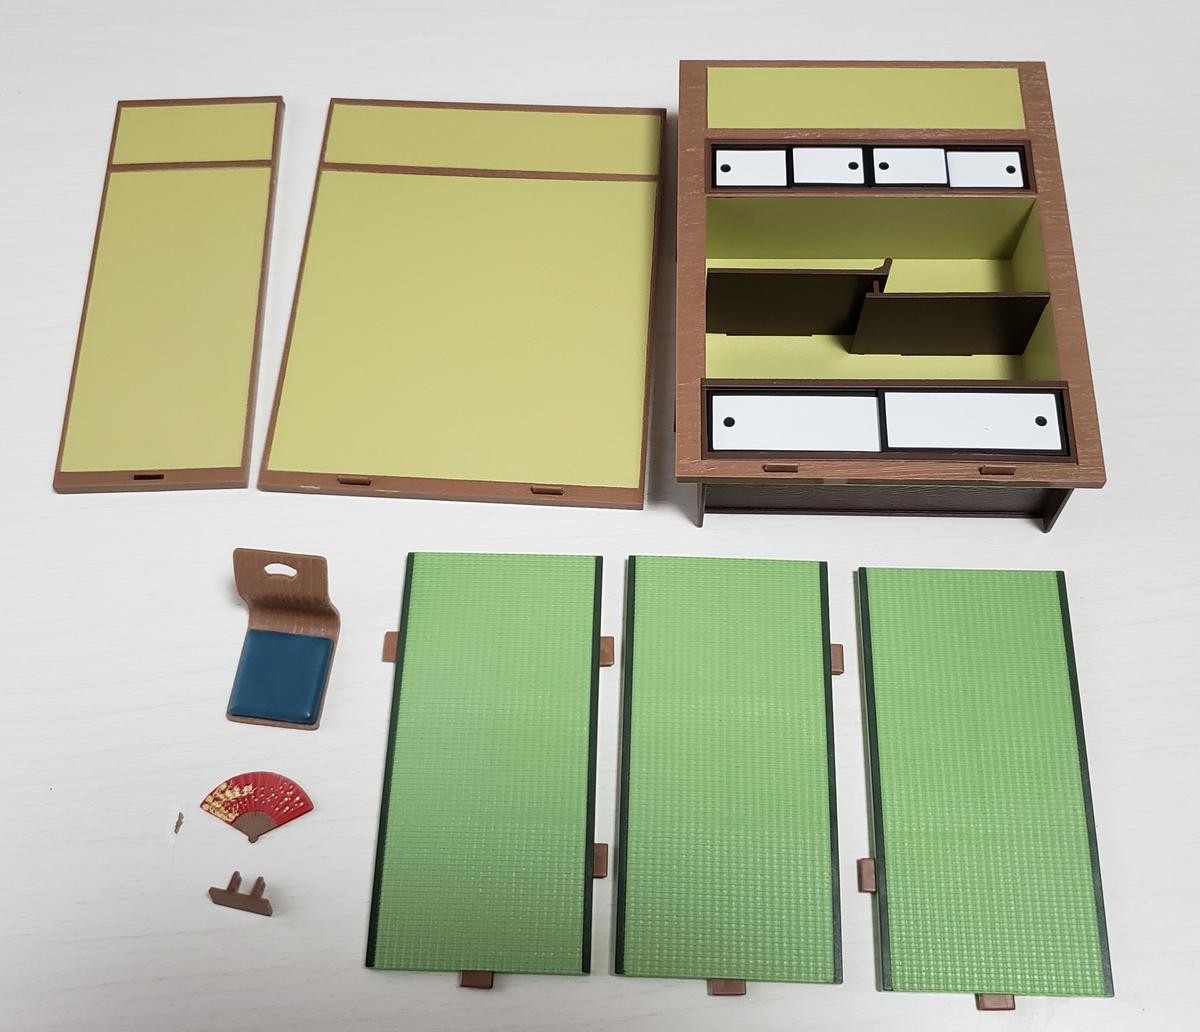 f:id:sunakujiratei:20200731170515j:plain:w300